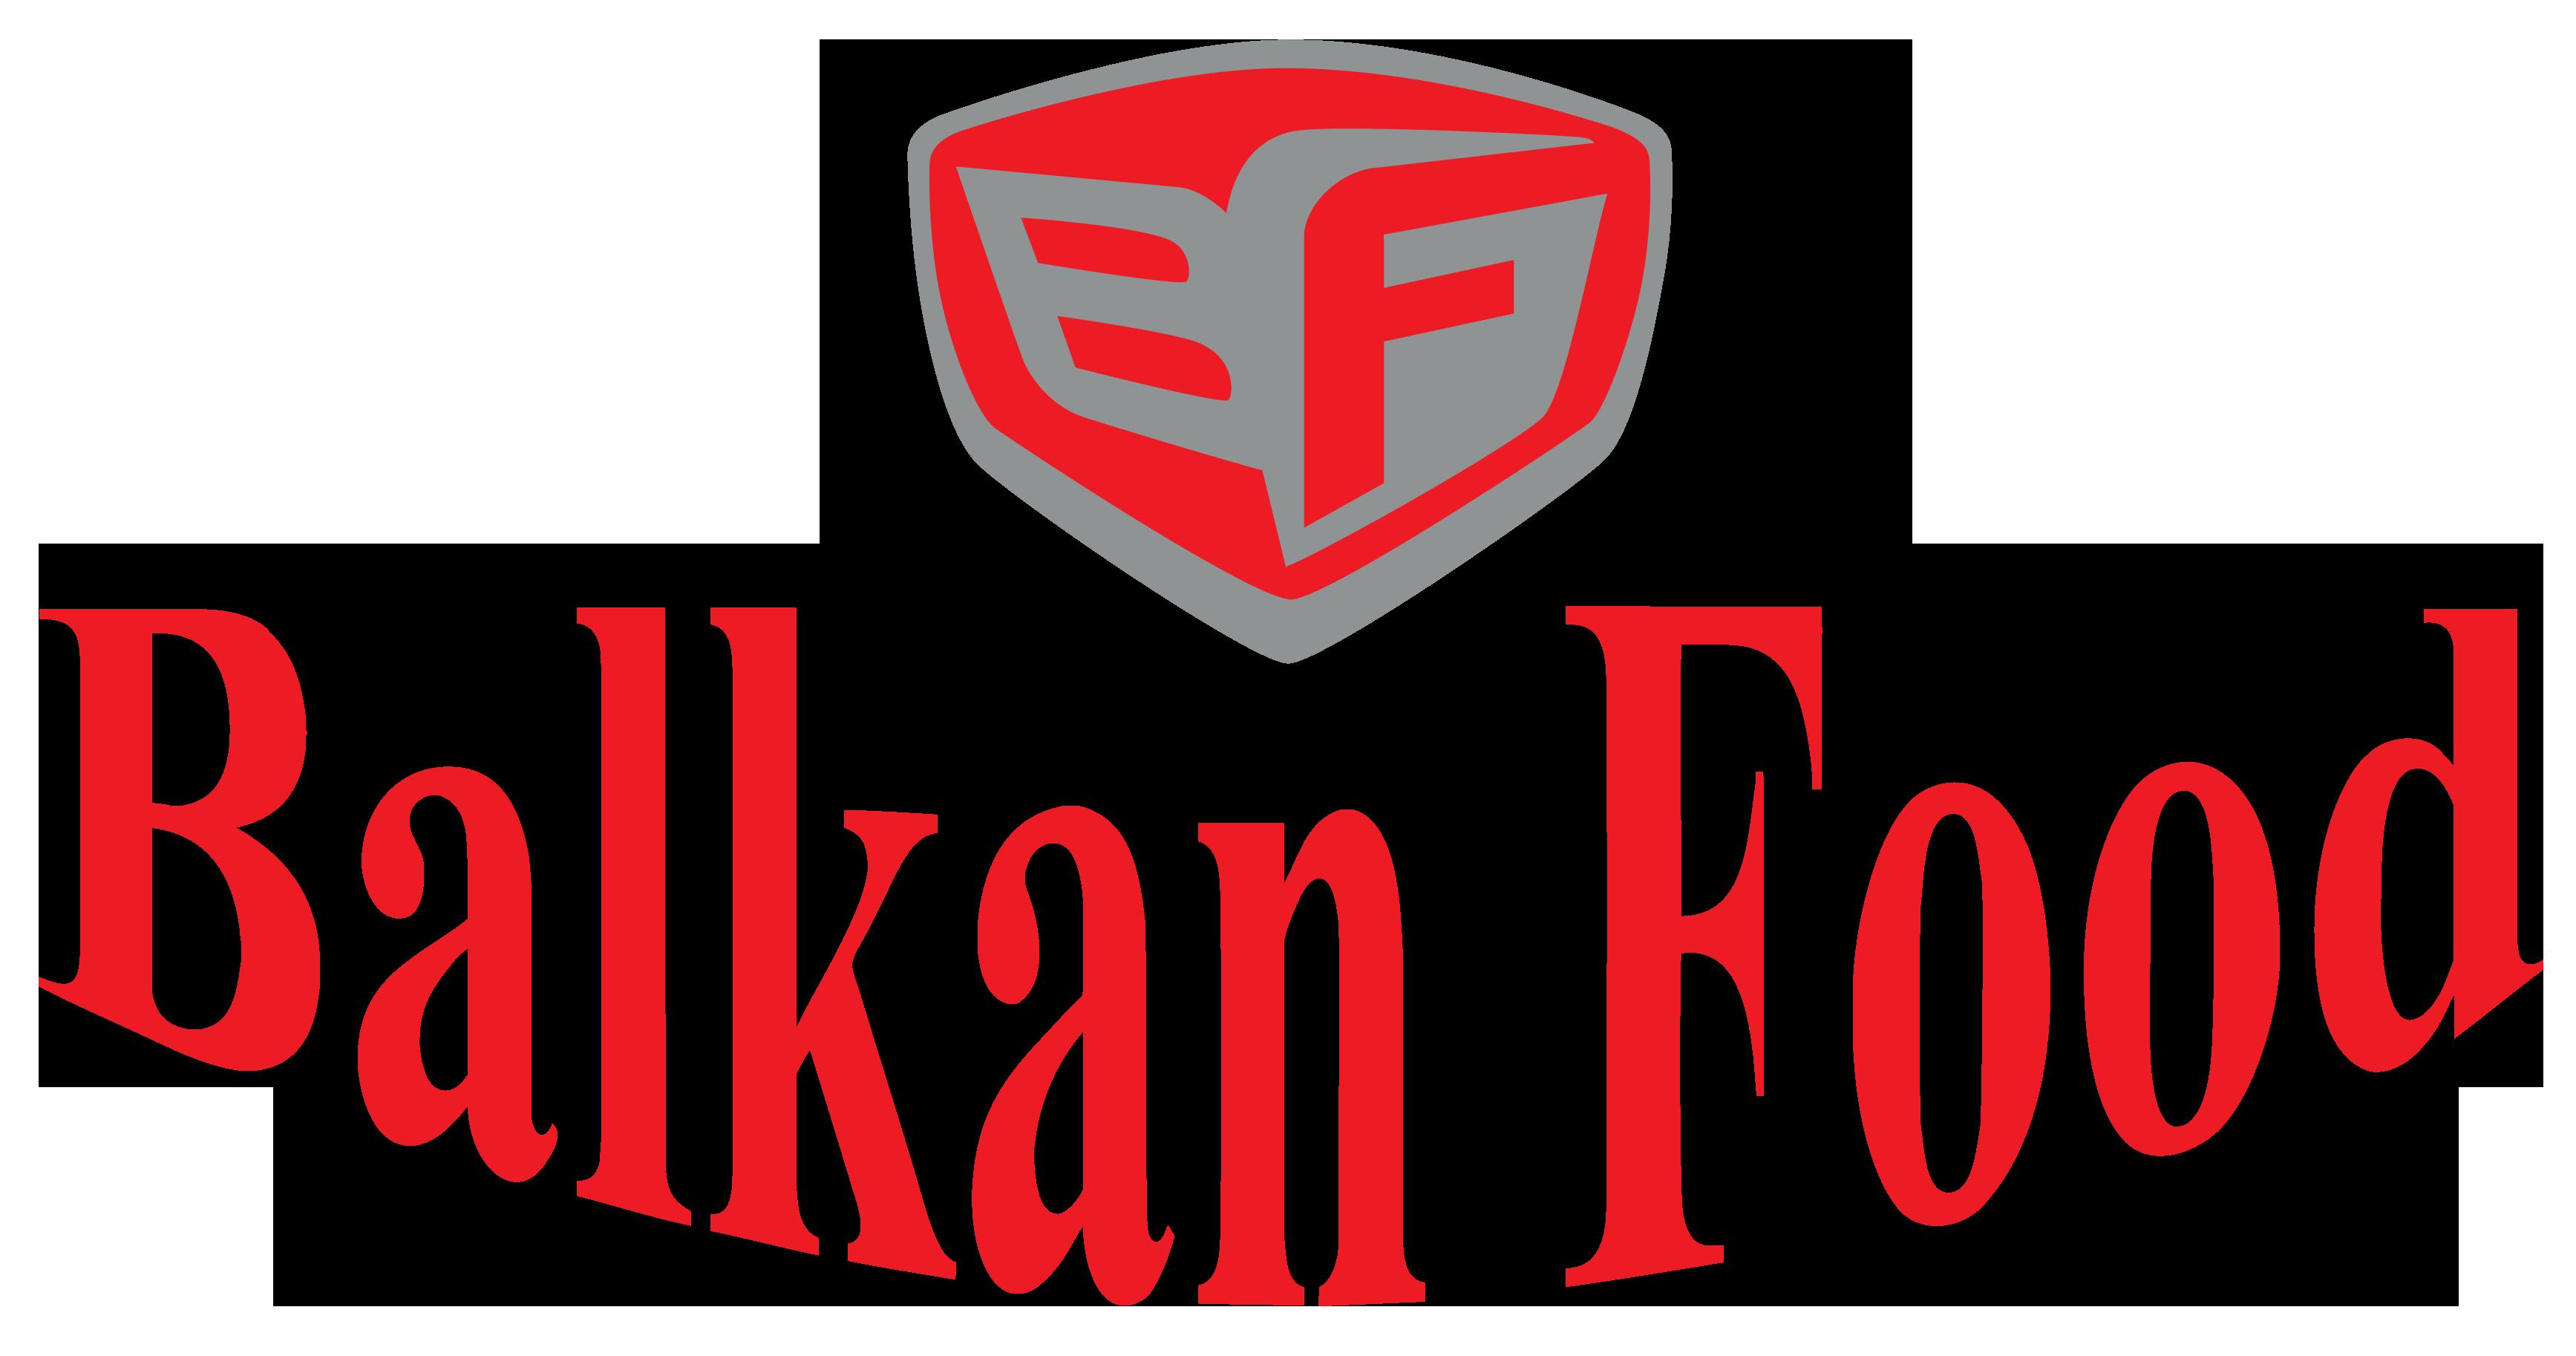 Balkan Food AB